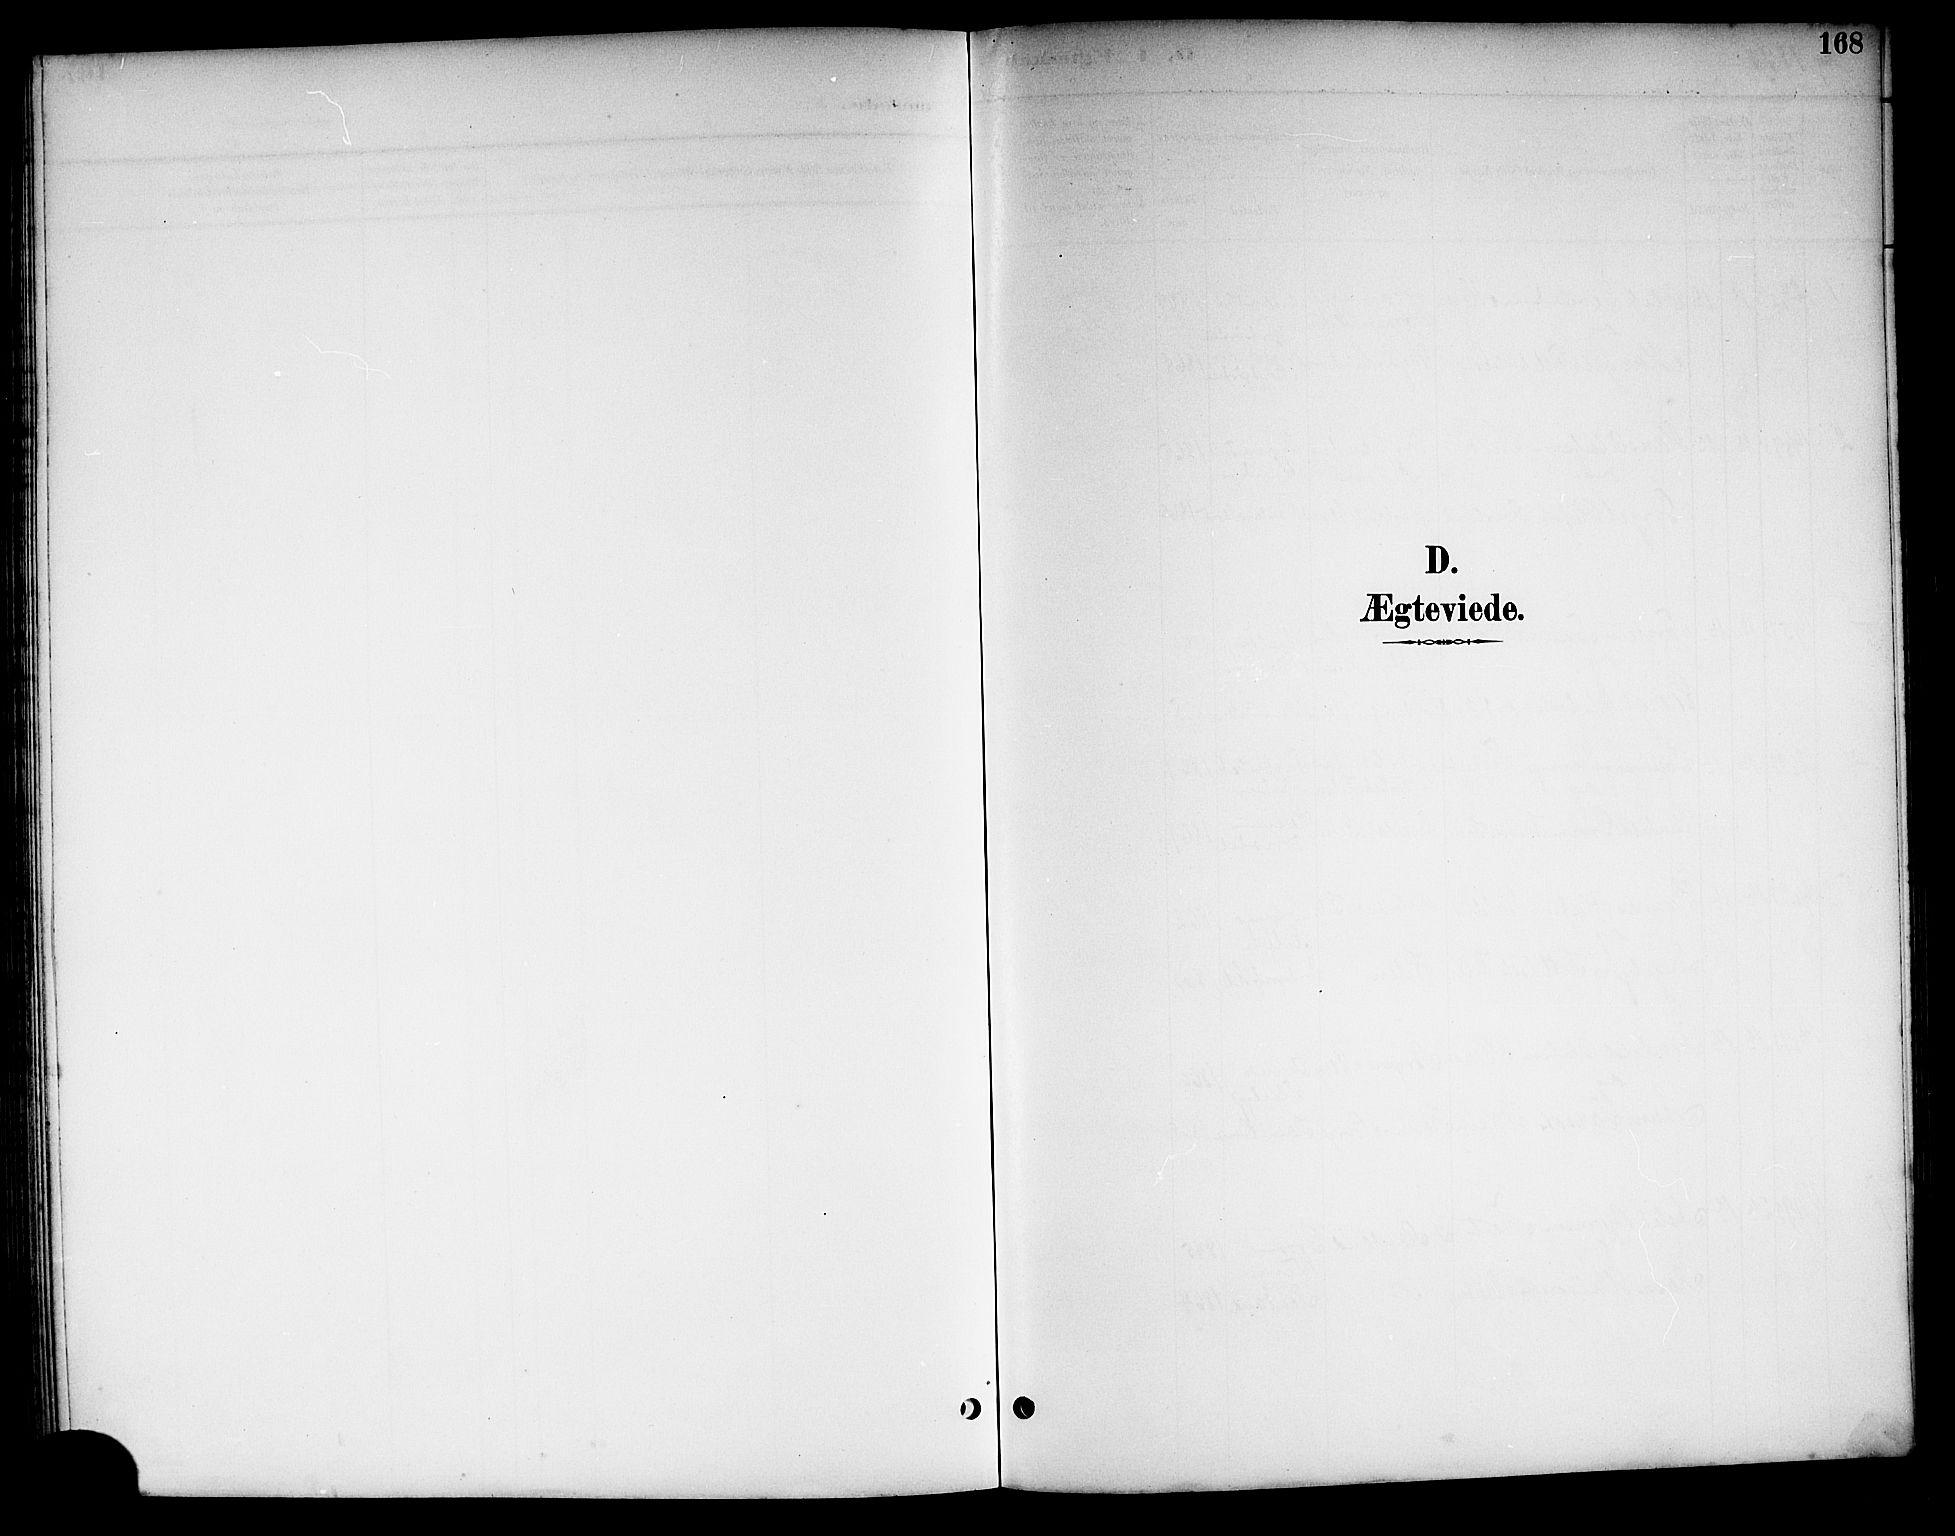 SAKO, Kviteseid kirkebøker, G/Ga/L0002: Klokkerbok nr. I 2, 1893-1918, s. 168